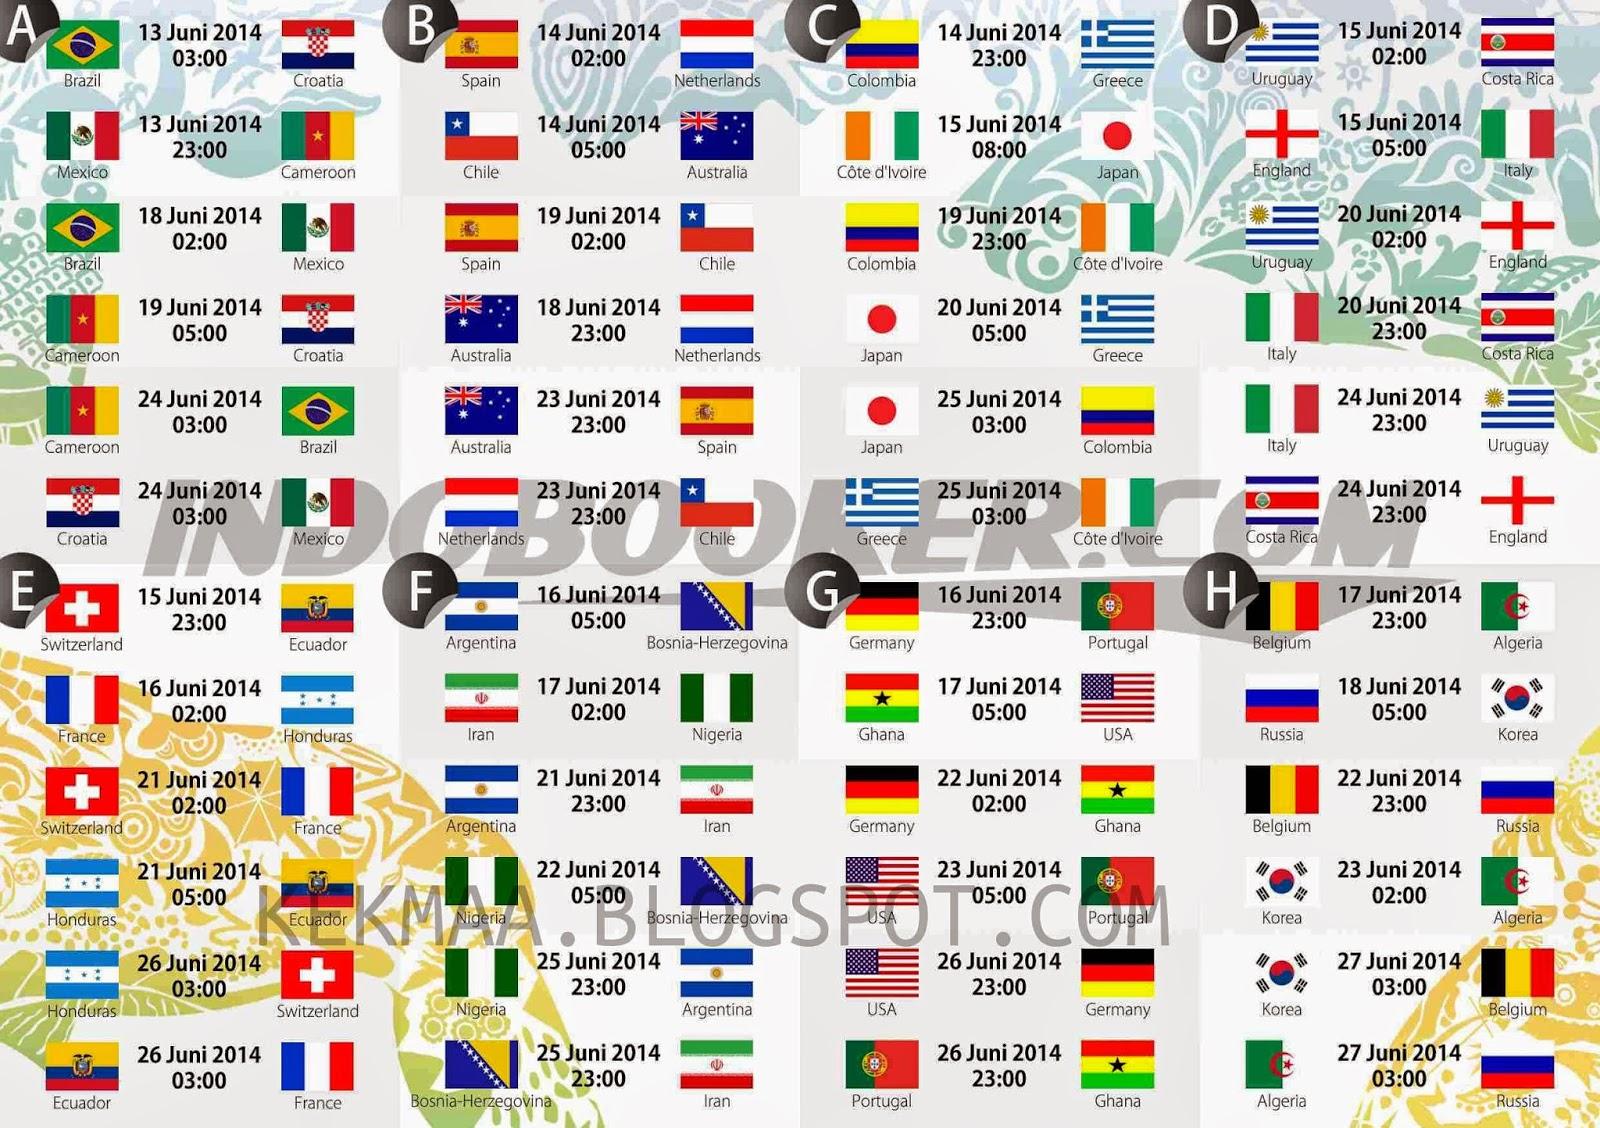 jadwal pertandingan bola piala dunia brazil 2014